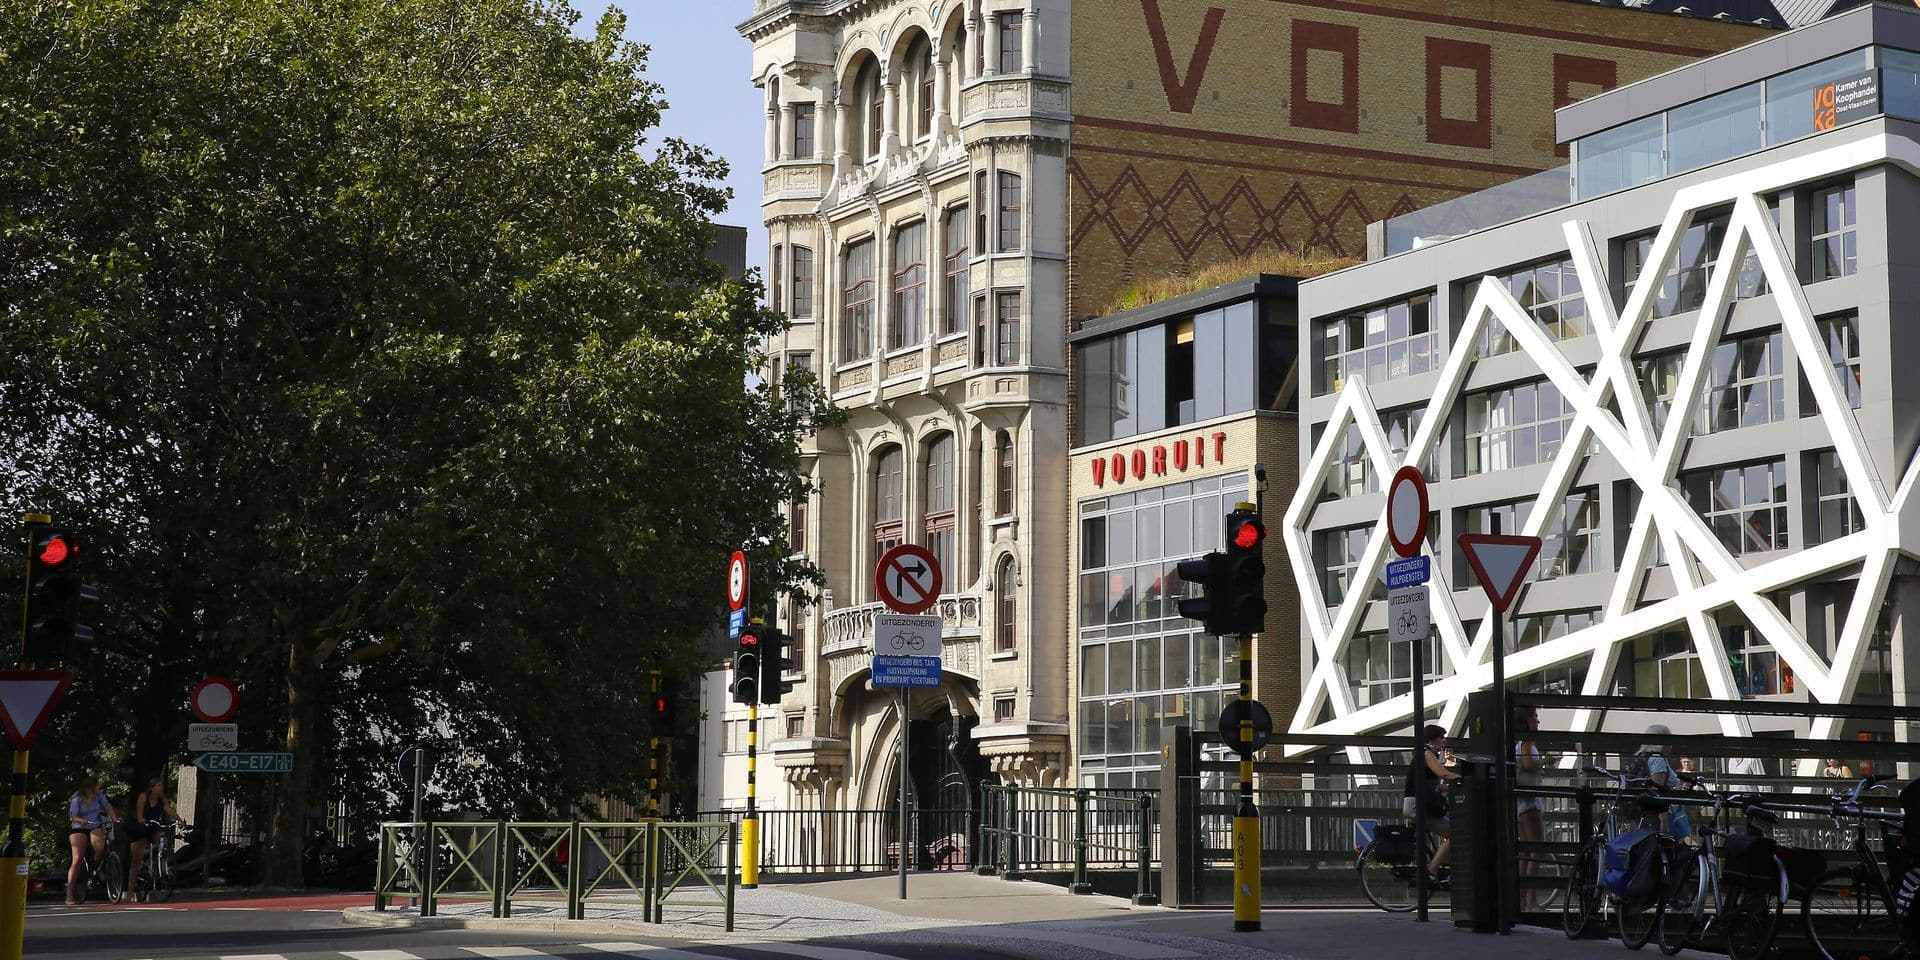 Le parti socialiste flamand a financé le changement du nom du centre Vooruit